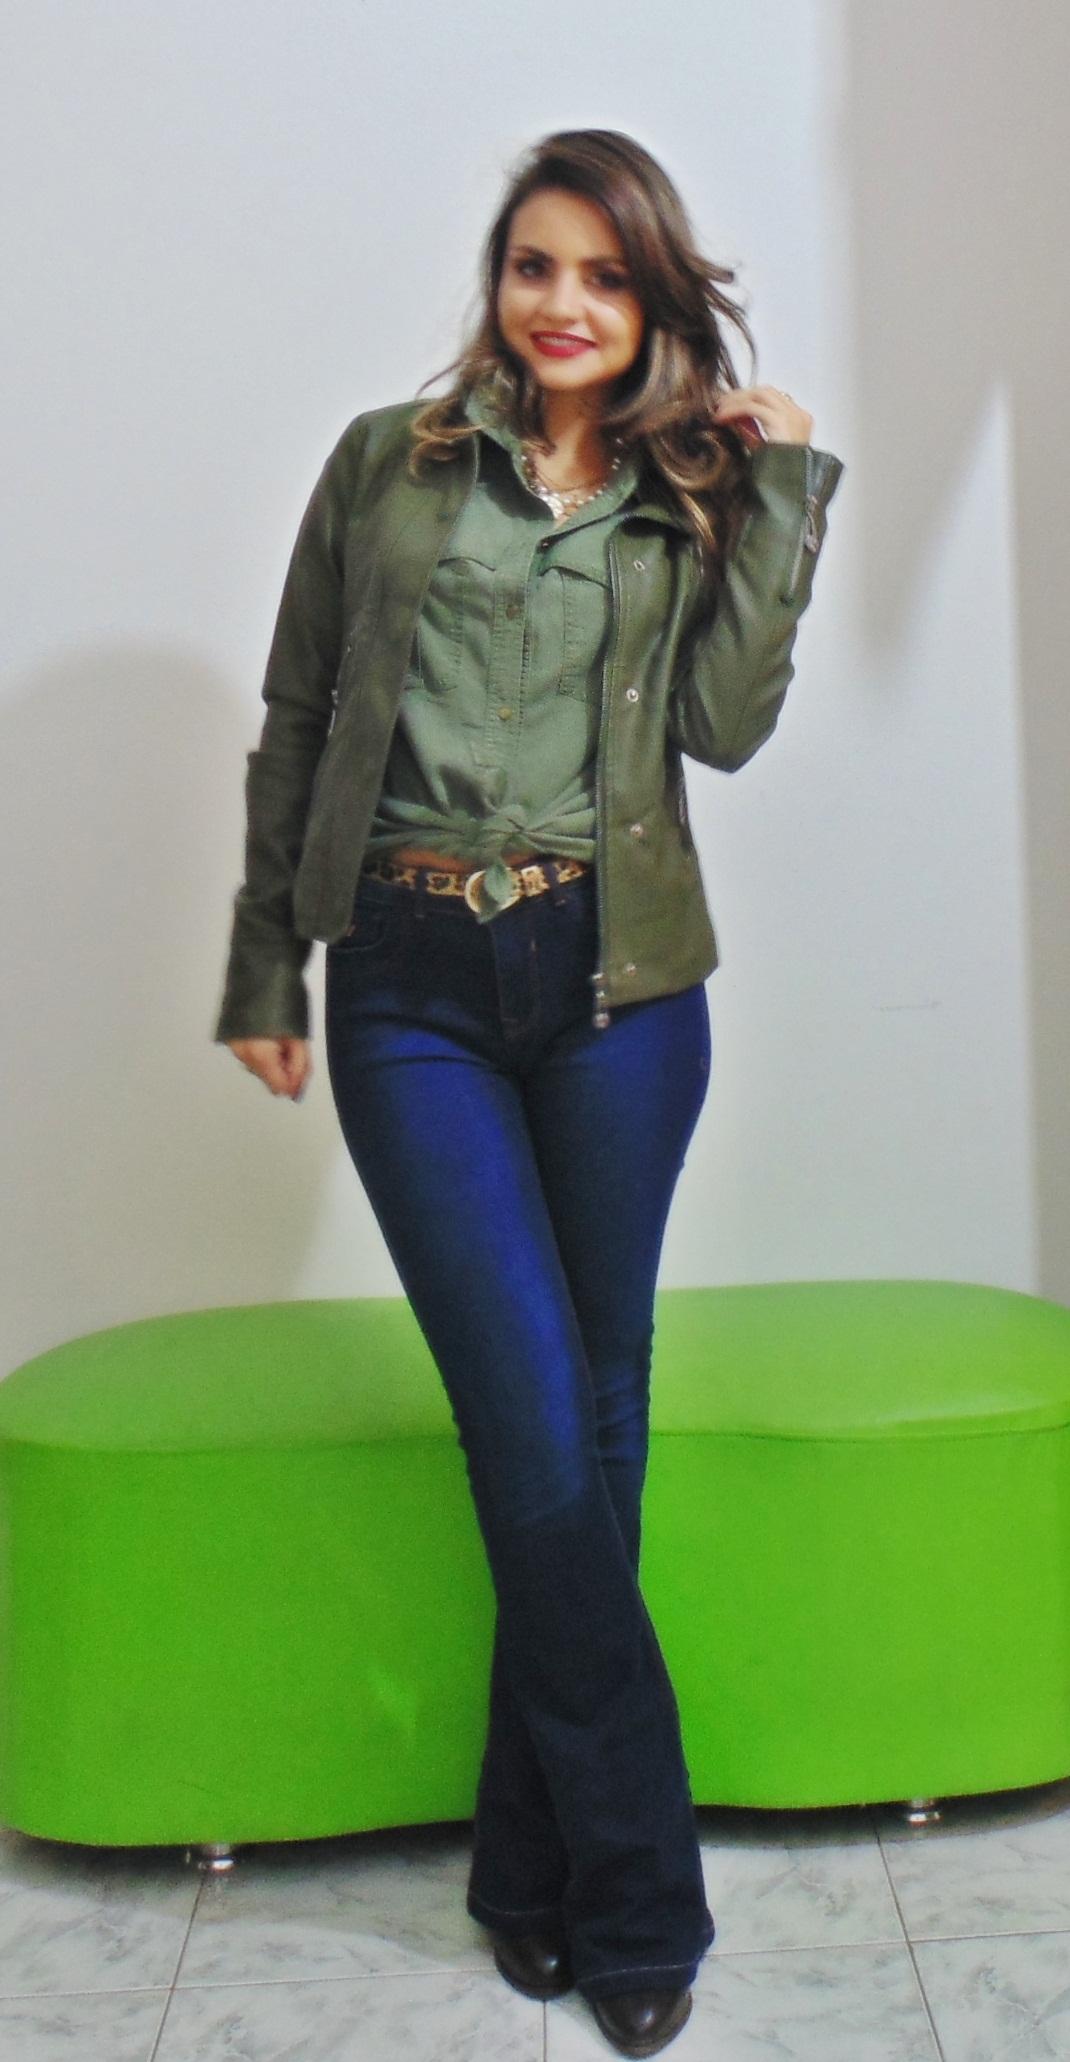 DSC02228 Look da Ka: Flare Jeans + Militar